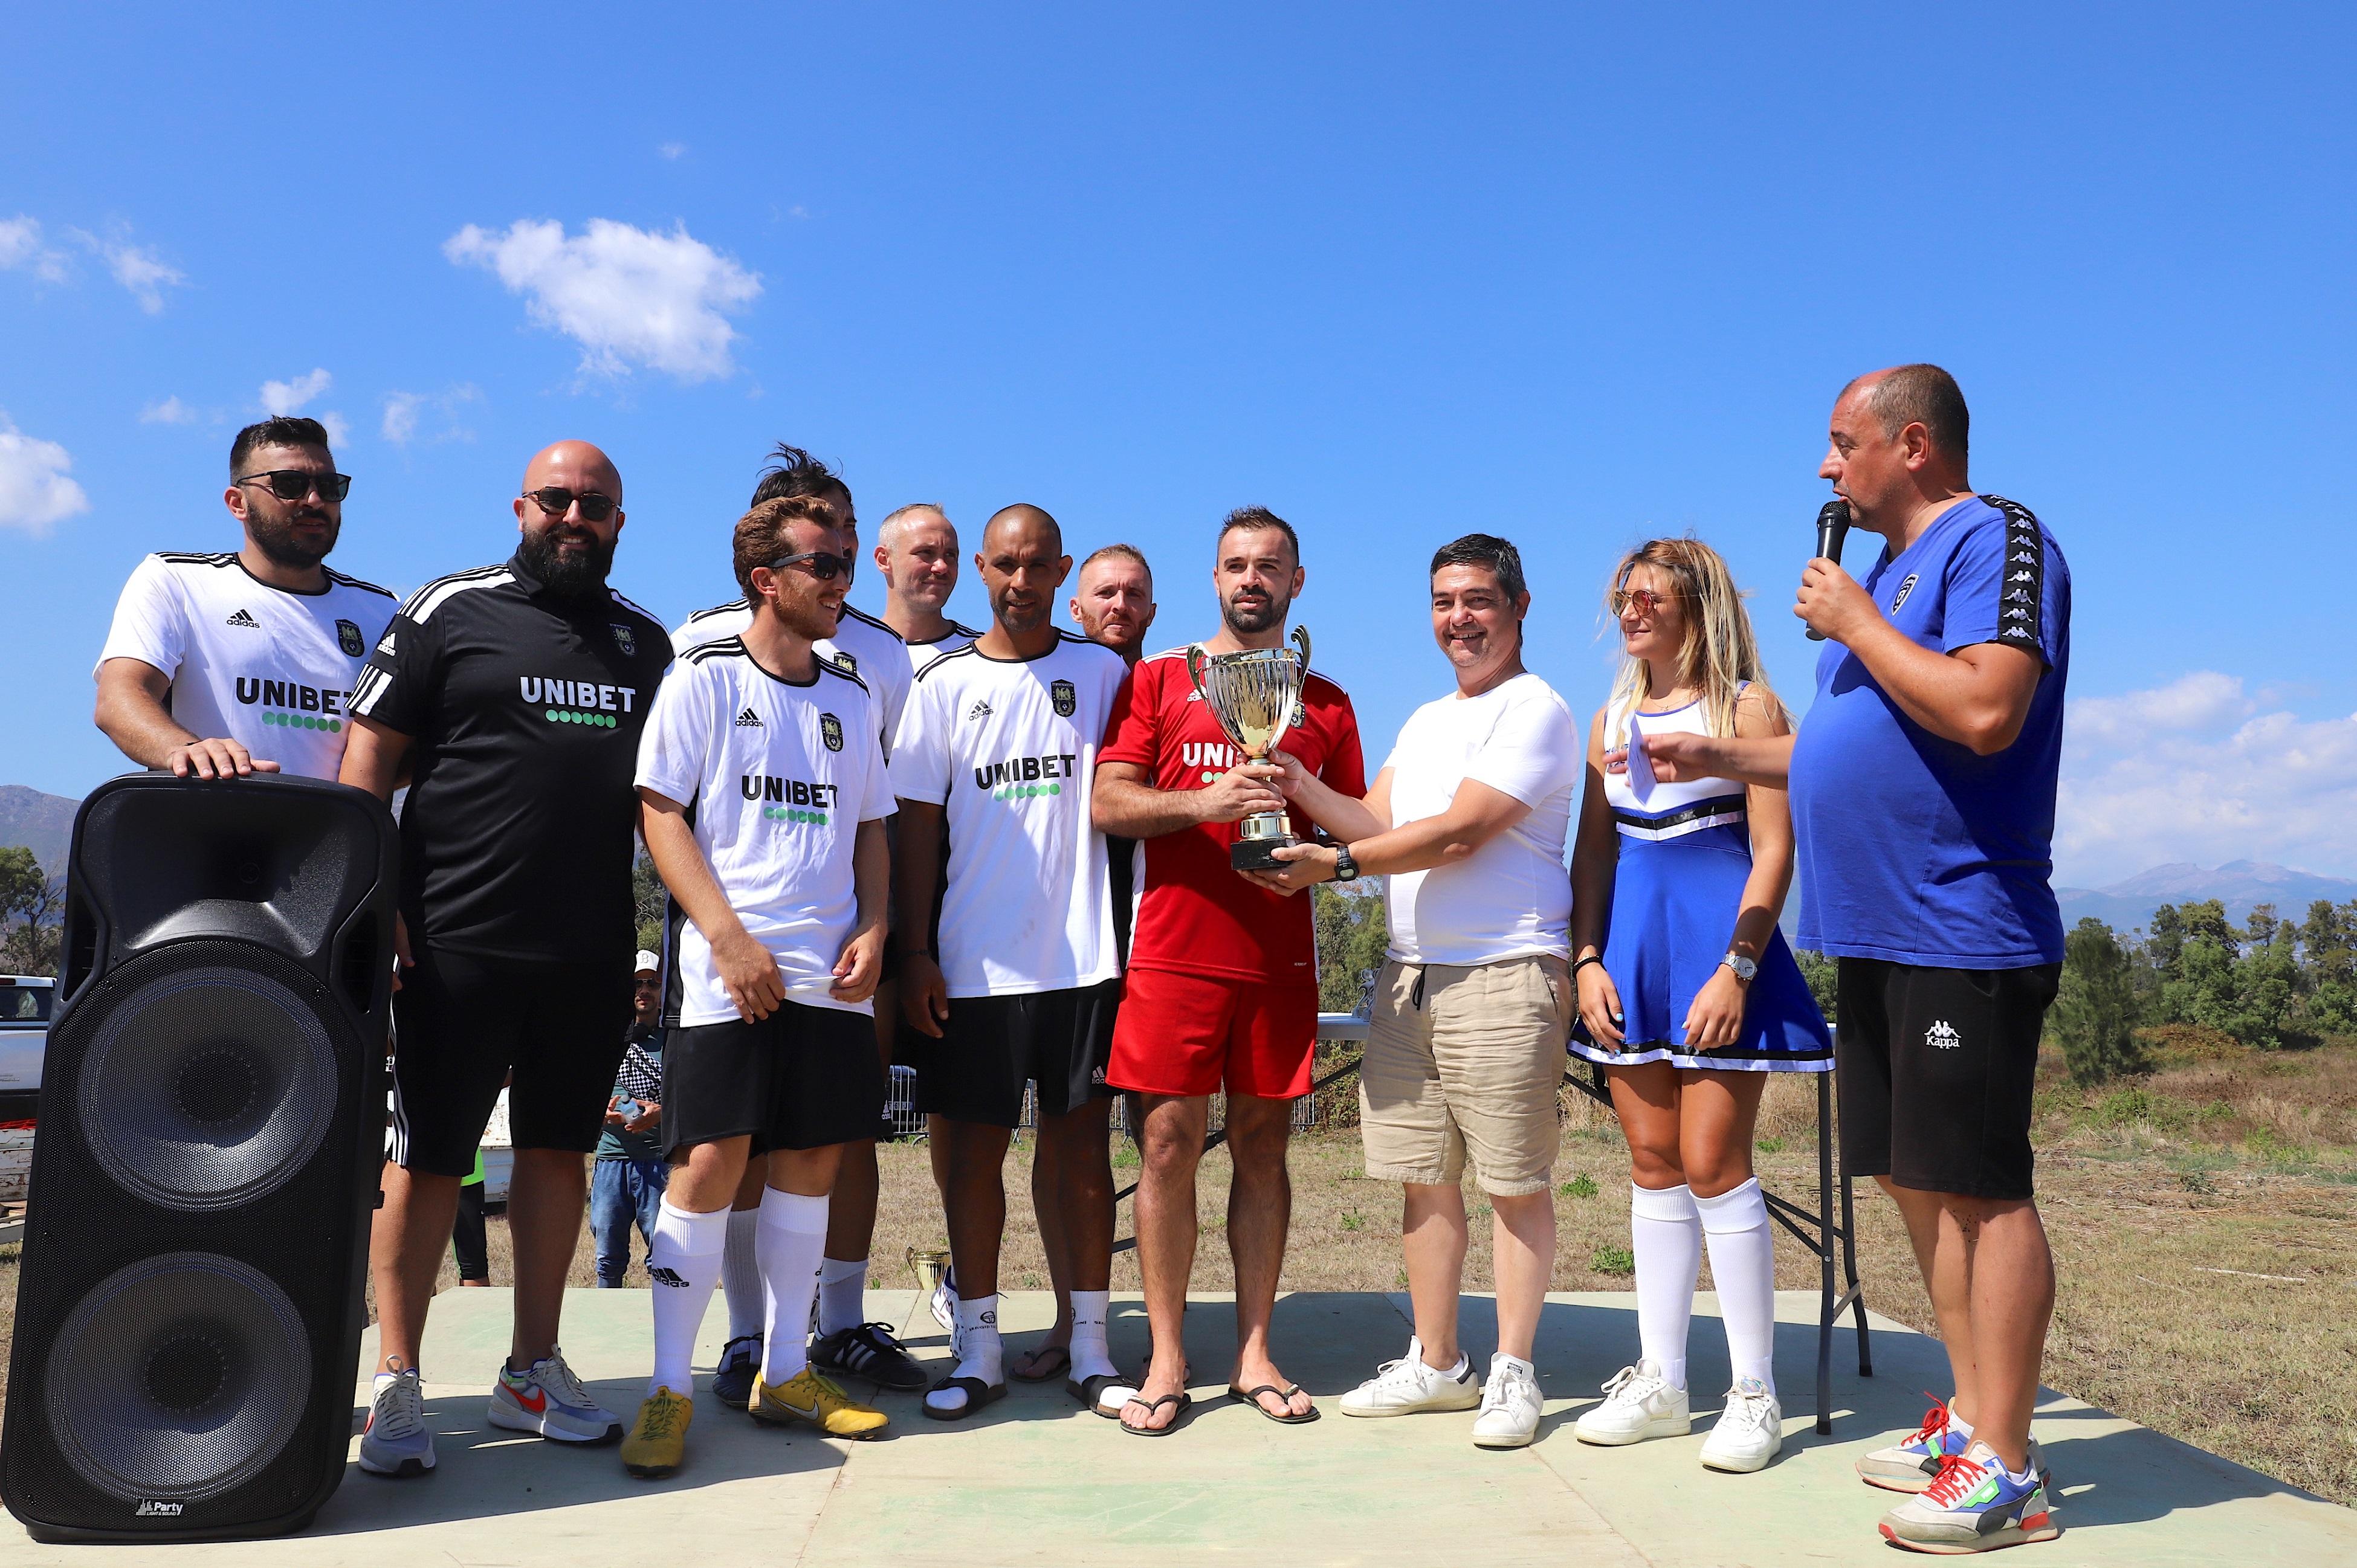 L'AS Aiaccinu vainqueur du trophée remis par P.-P. Plaza